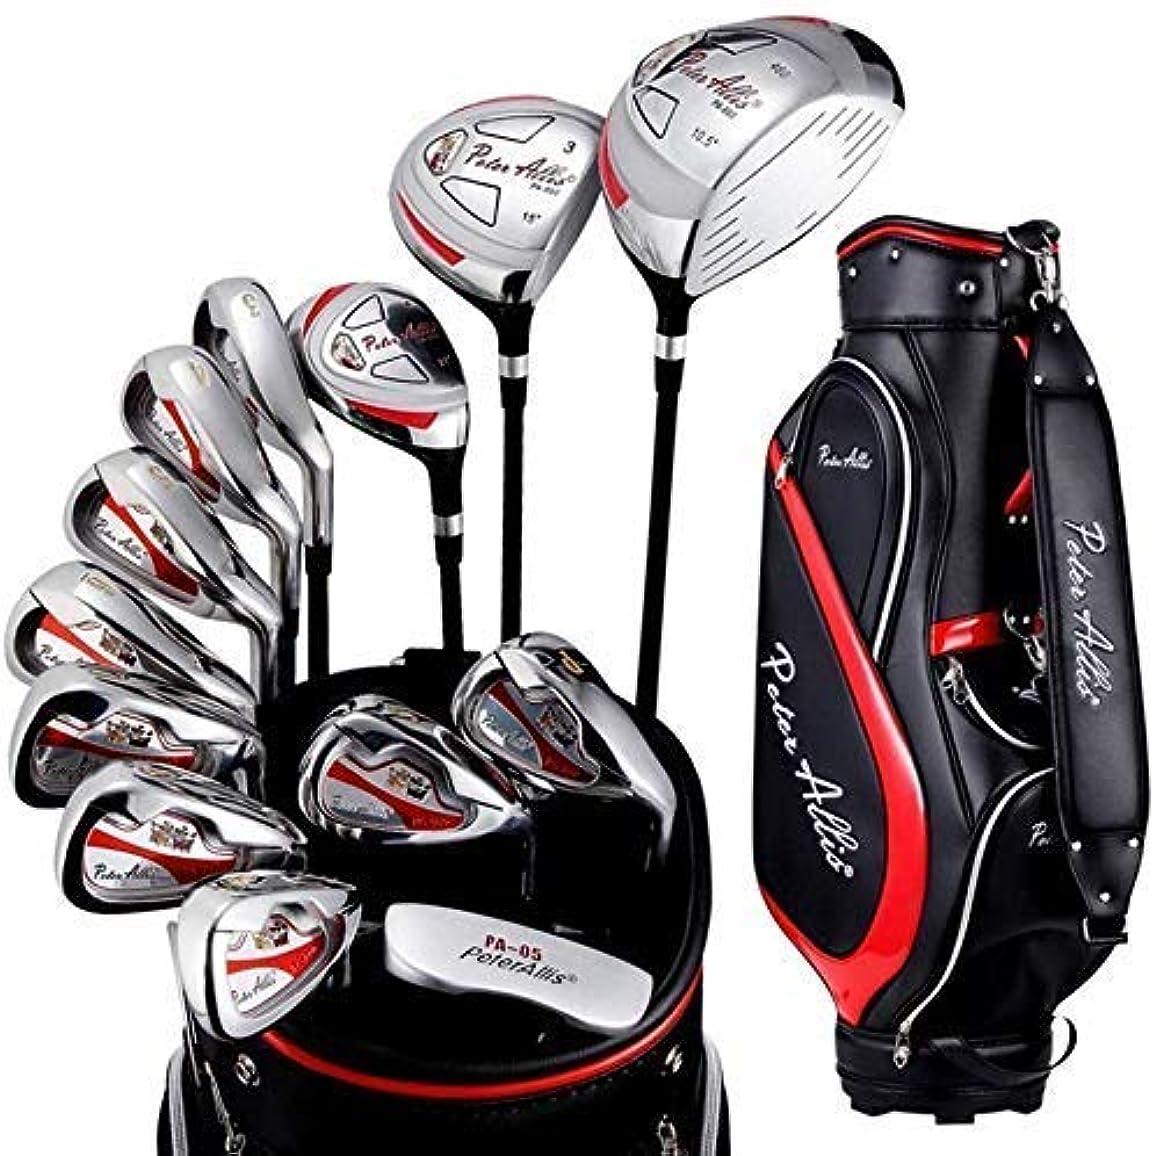 ぬれたトレイ延ばすHUYYA ゴルフはグリーンメンズセミセットポールエクササイズポール初心者のゴルフクラブセット13個ゴルフパターゴルフクラブを置きます,One Color